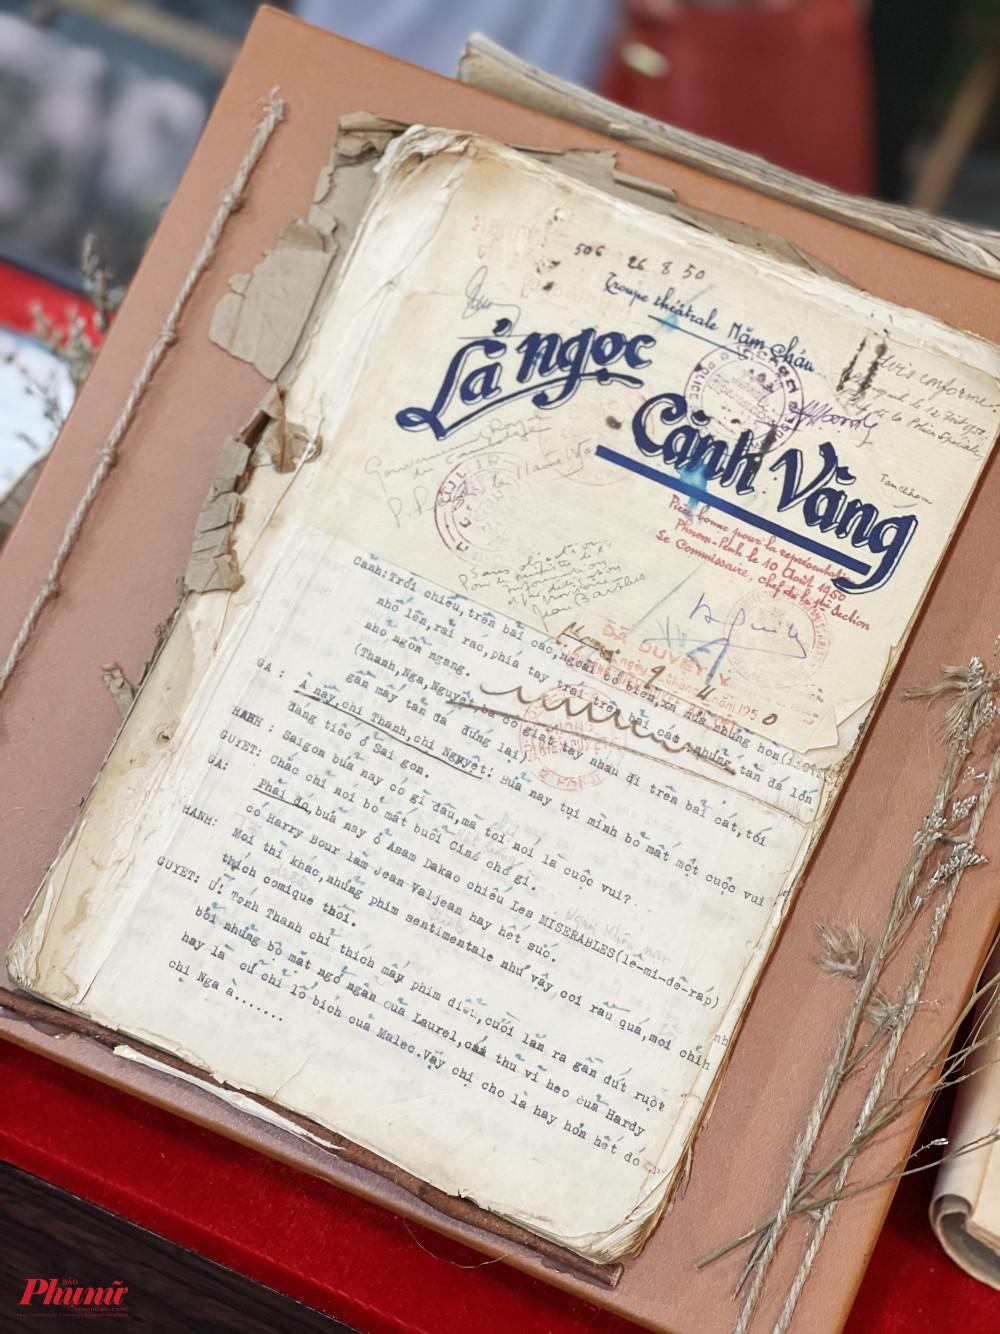 Một kịch bản khác cũng rất nổi tiếng của NSND Năm Châu Lá ngọc cành vàng với bản đánh máy. Nhiều trang giấy đã cũ, nhàu nát.